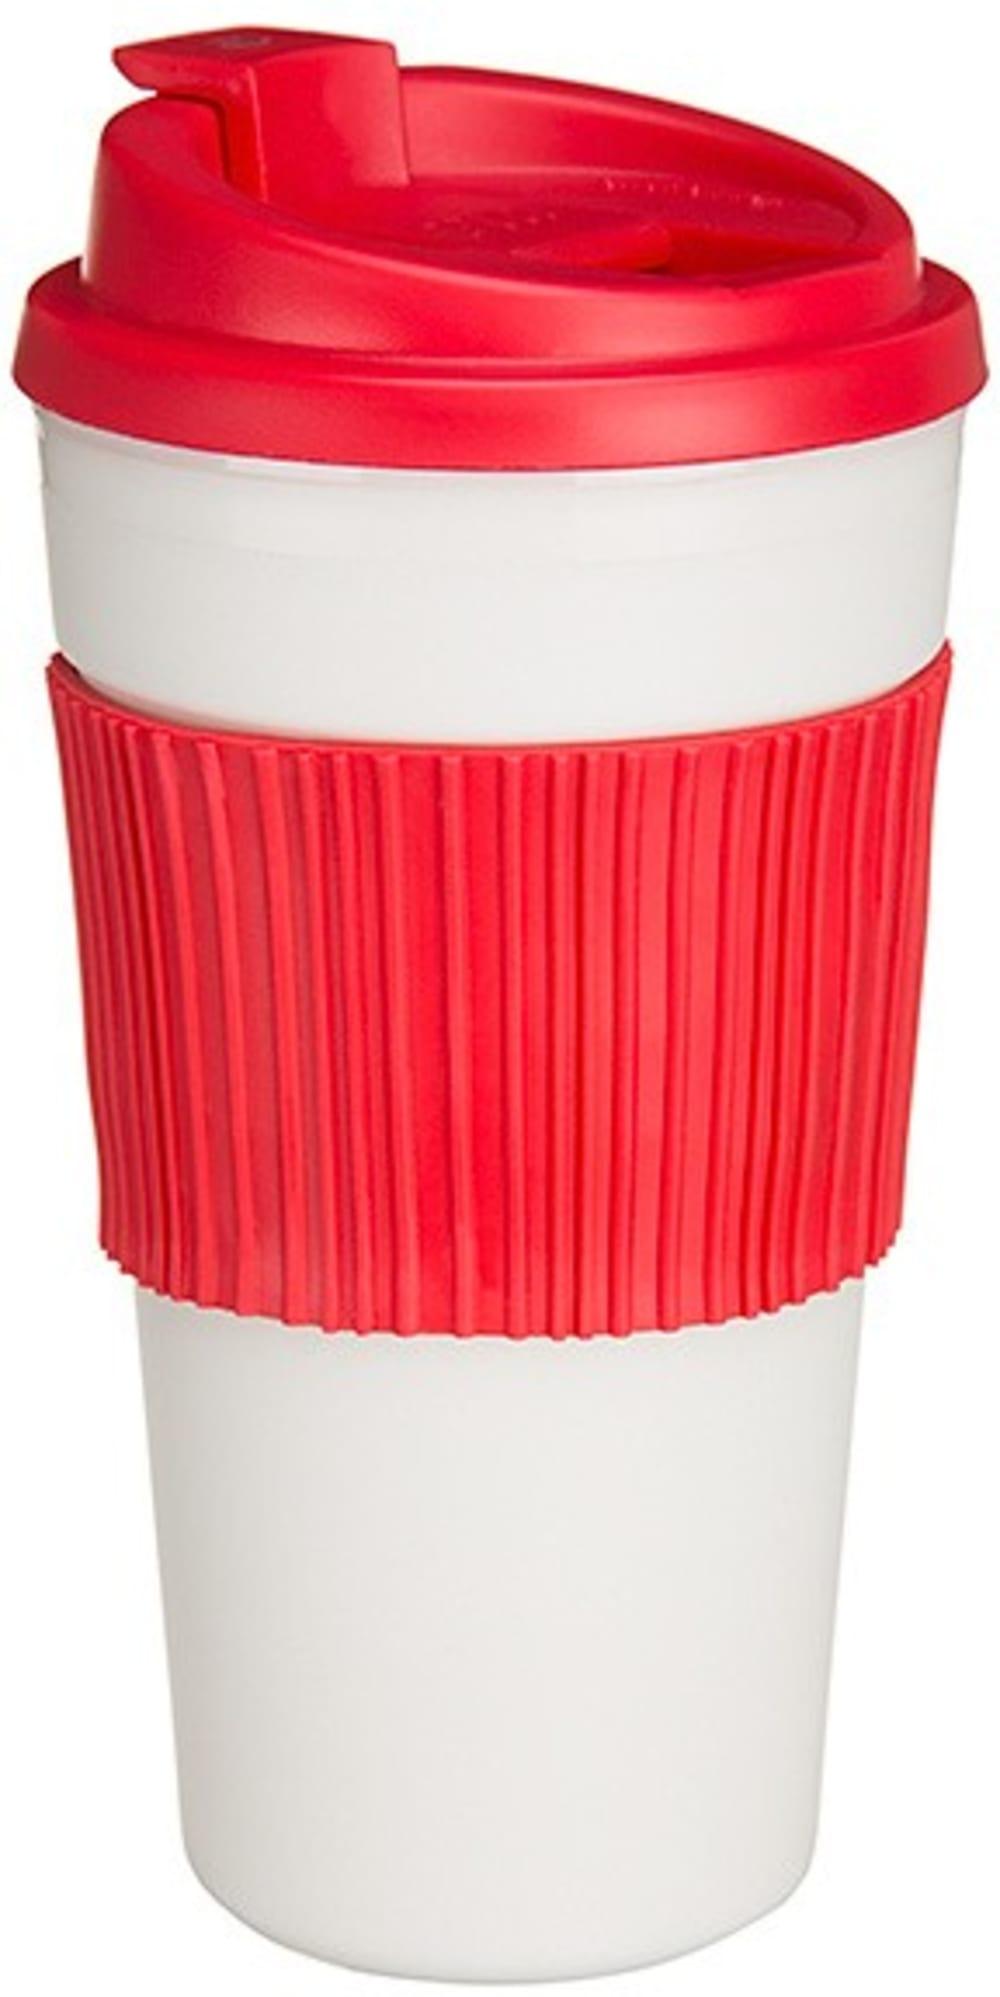 Termiczny kubek z odwracalną opaską-czerwony, duży